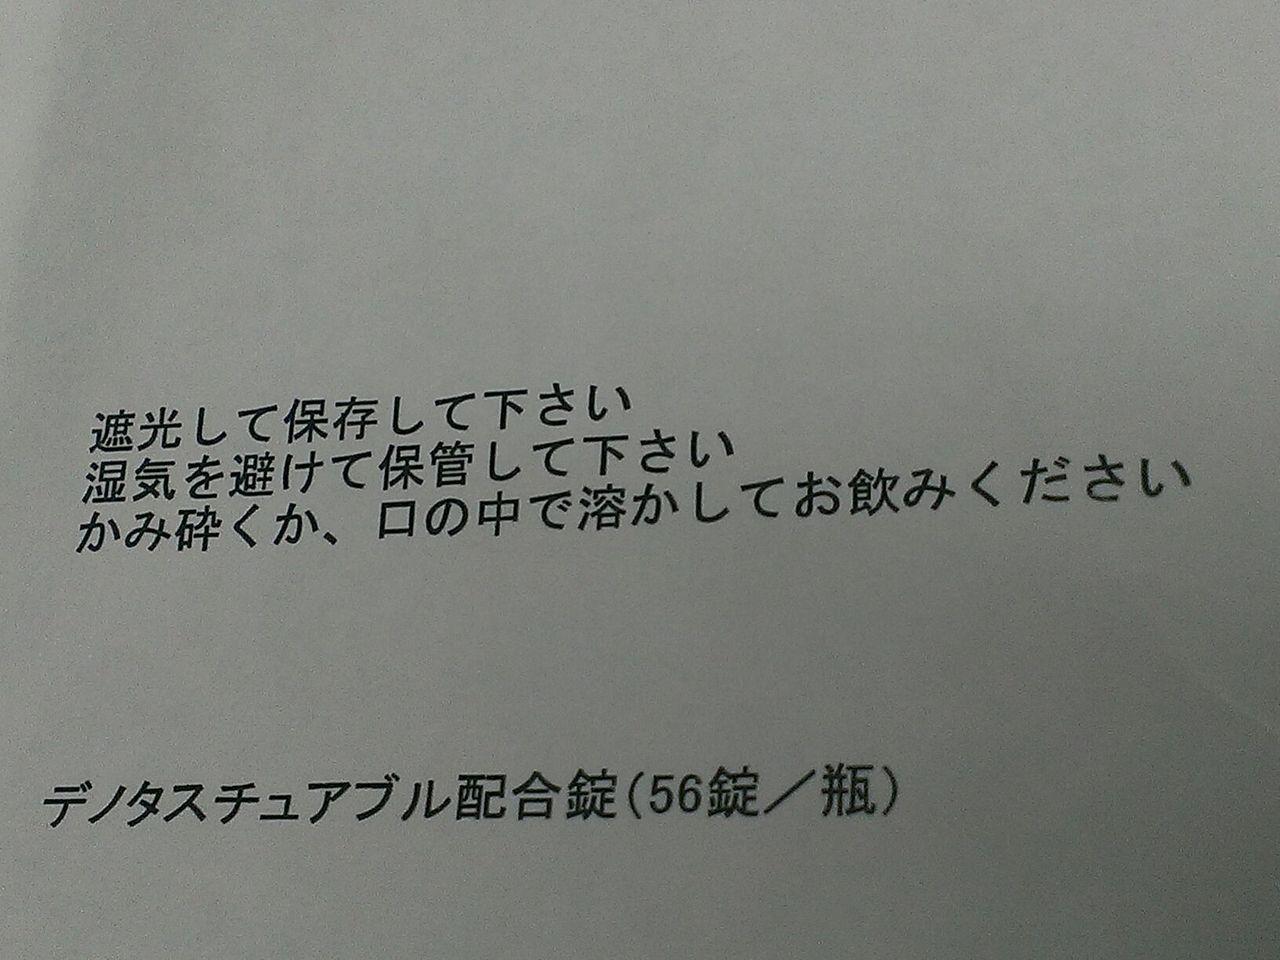 タス デ チュアブル 配合 錠 ノ